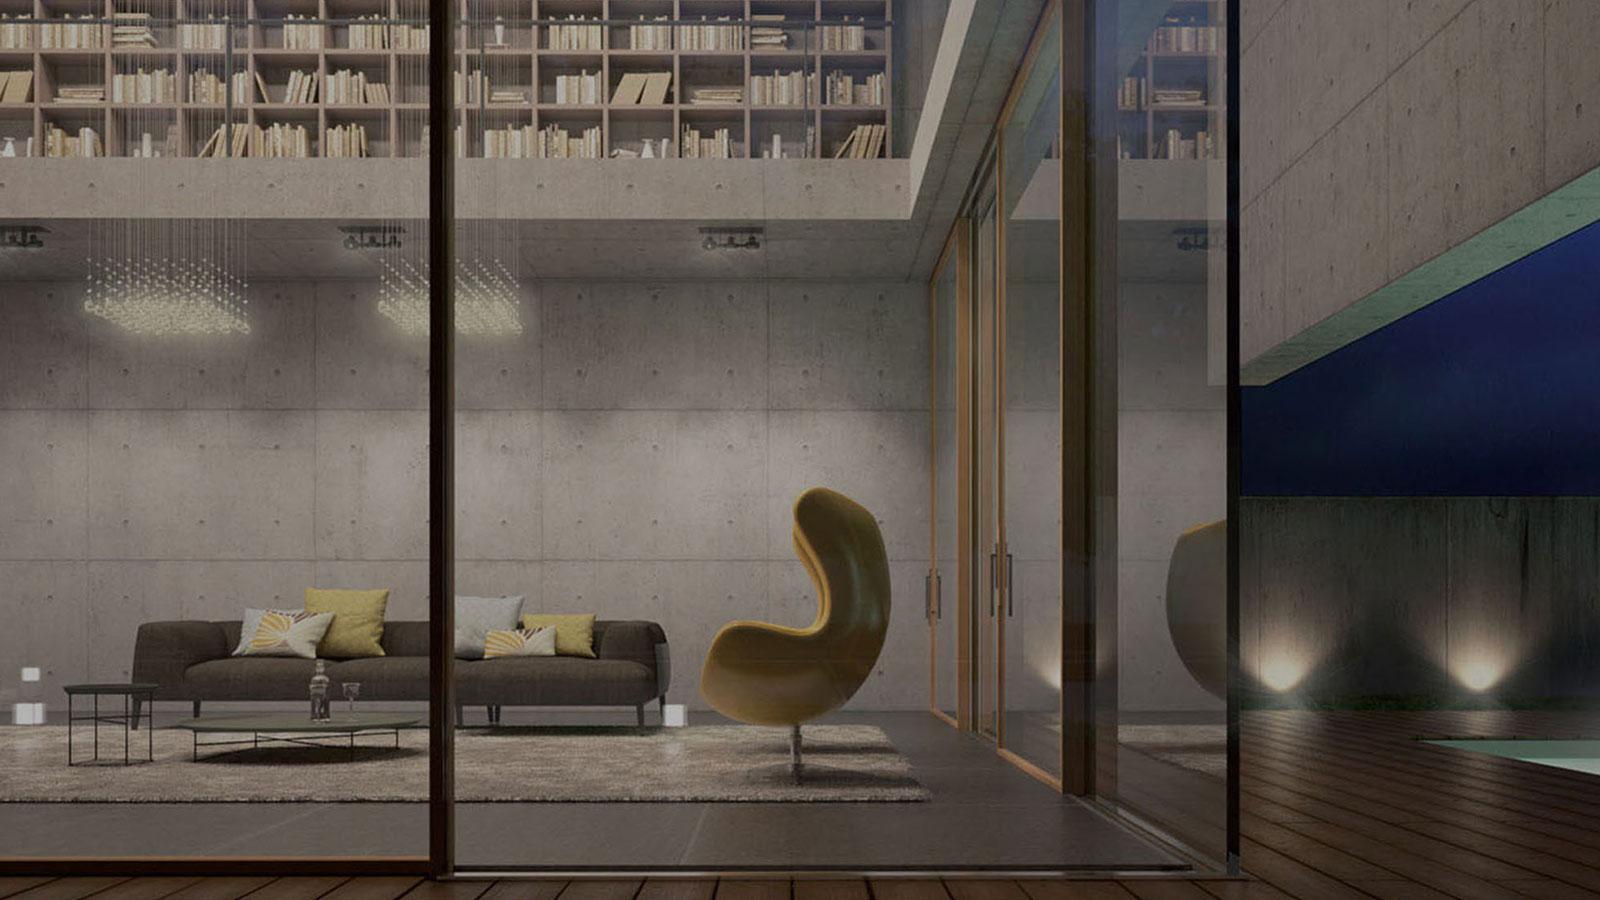 vista interna di una sala con scaffale per libri